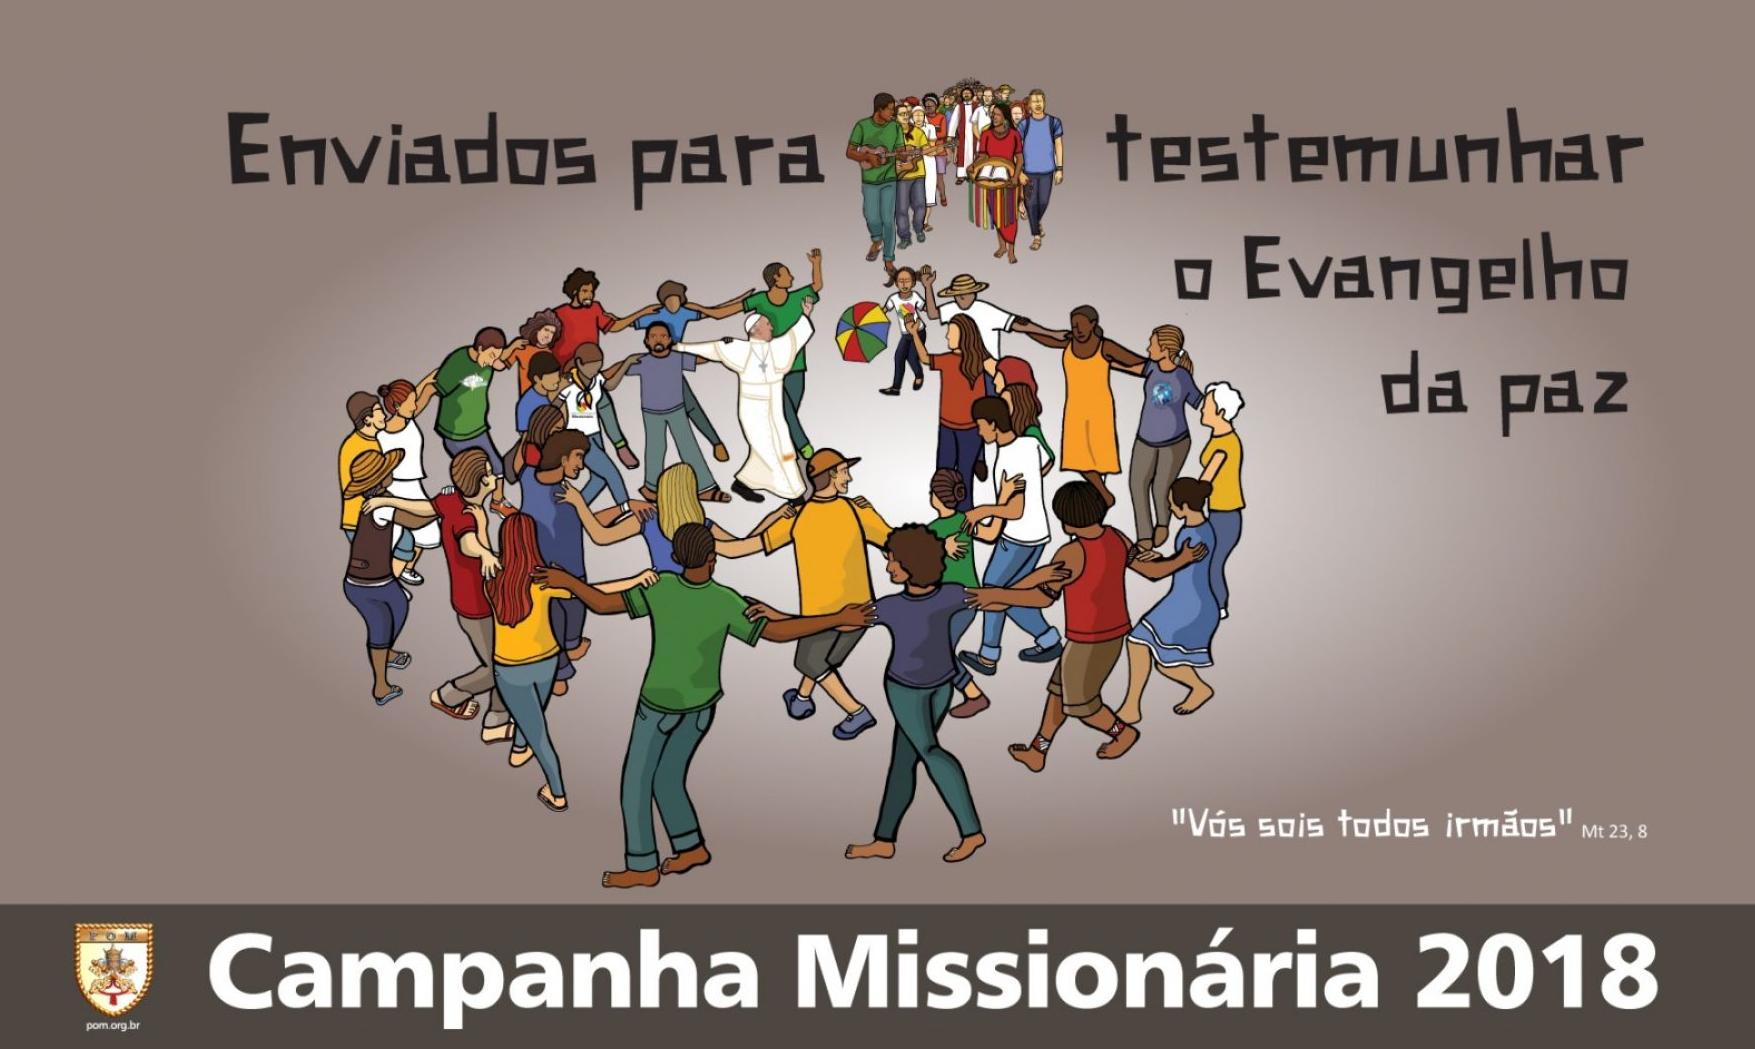 Outubro mês missionário